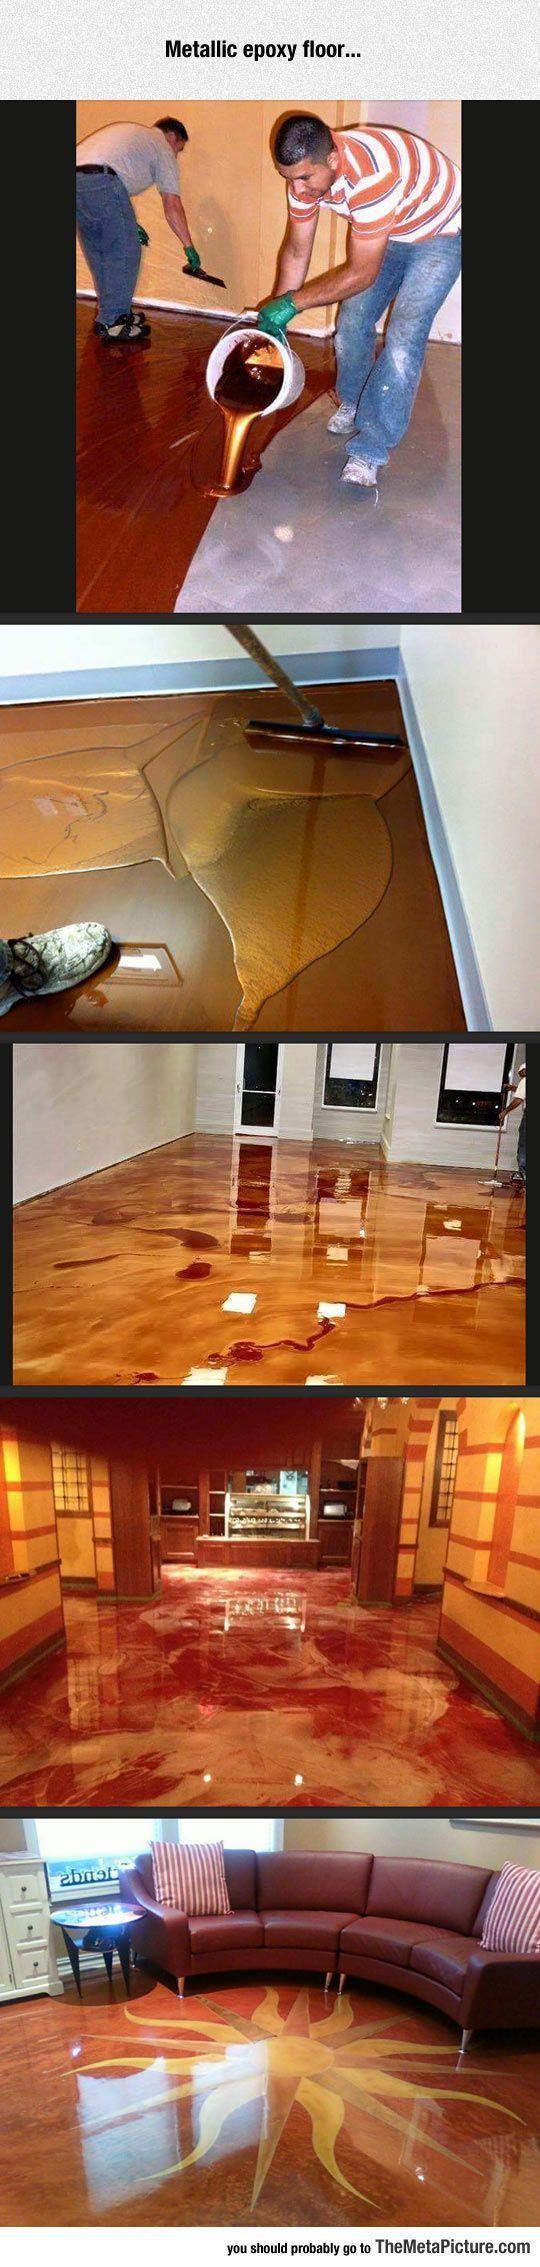 die besten 10 bodenbeschichtung ideen auf pinterest betonboden beton estrich und estrichboden. Black Bedroom Furniture Sets. Home Design Ideas